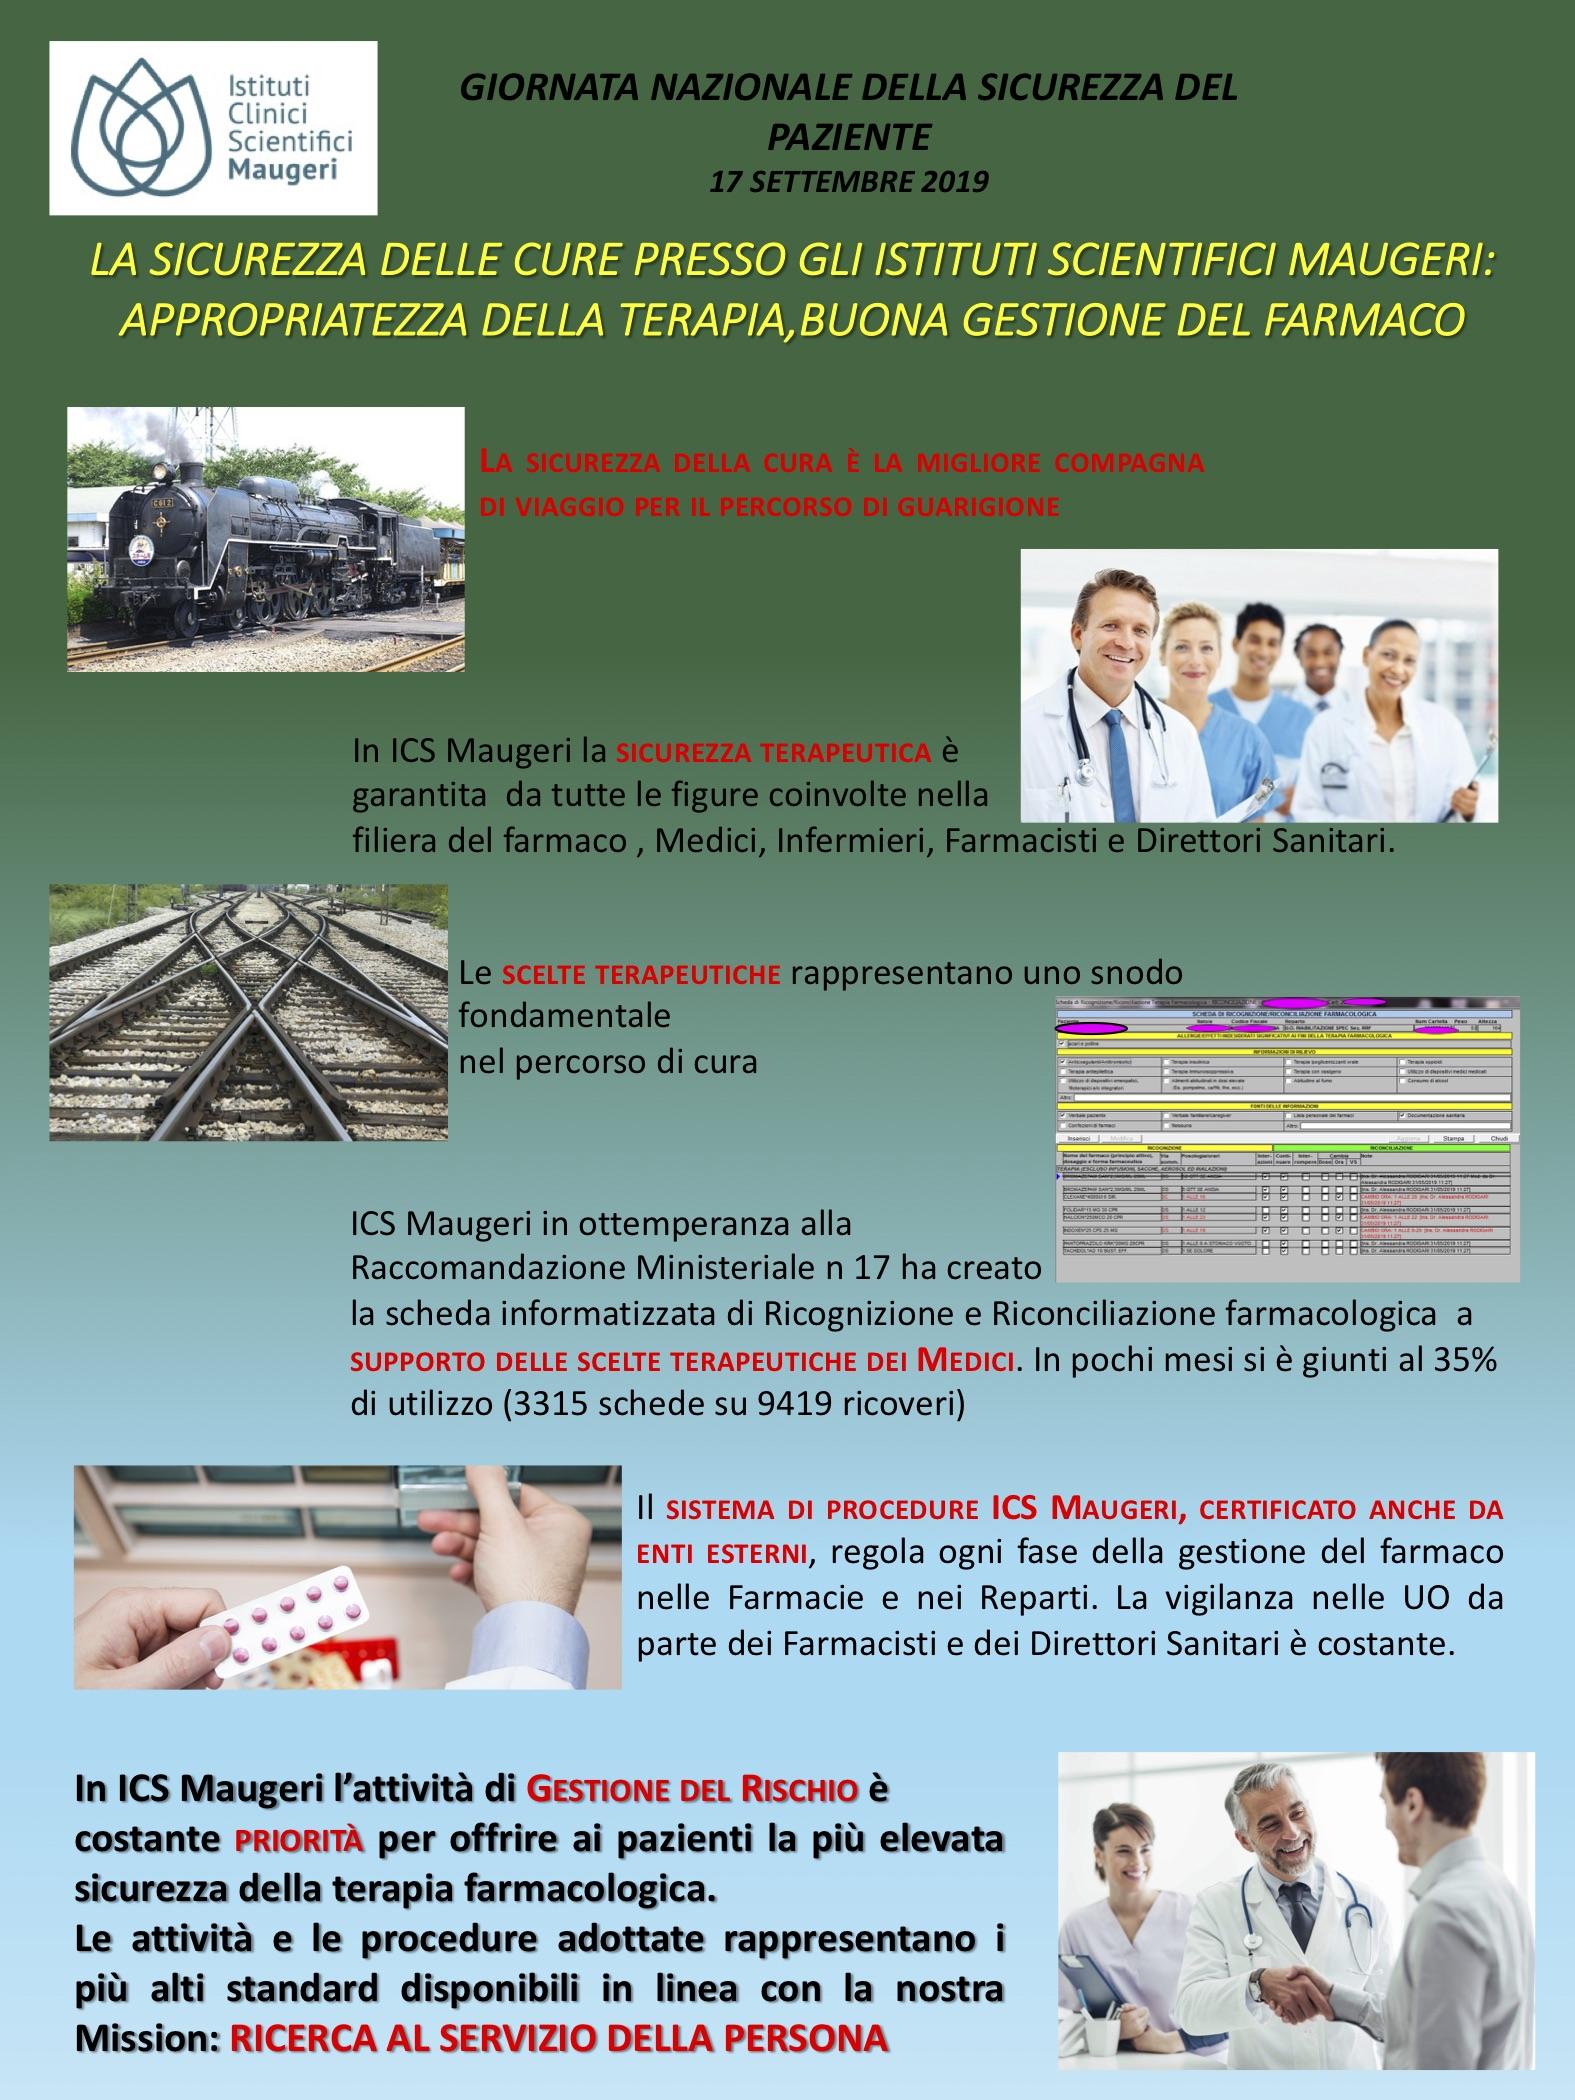 Rischio Clinico Somministrazione Farmaci.Giornata Per La Sicurezza Del Paziente In Ospedale Ics Maugeri